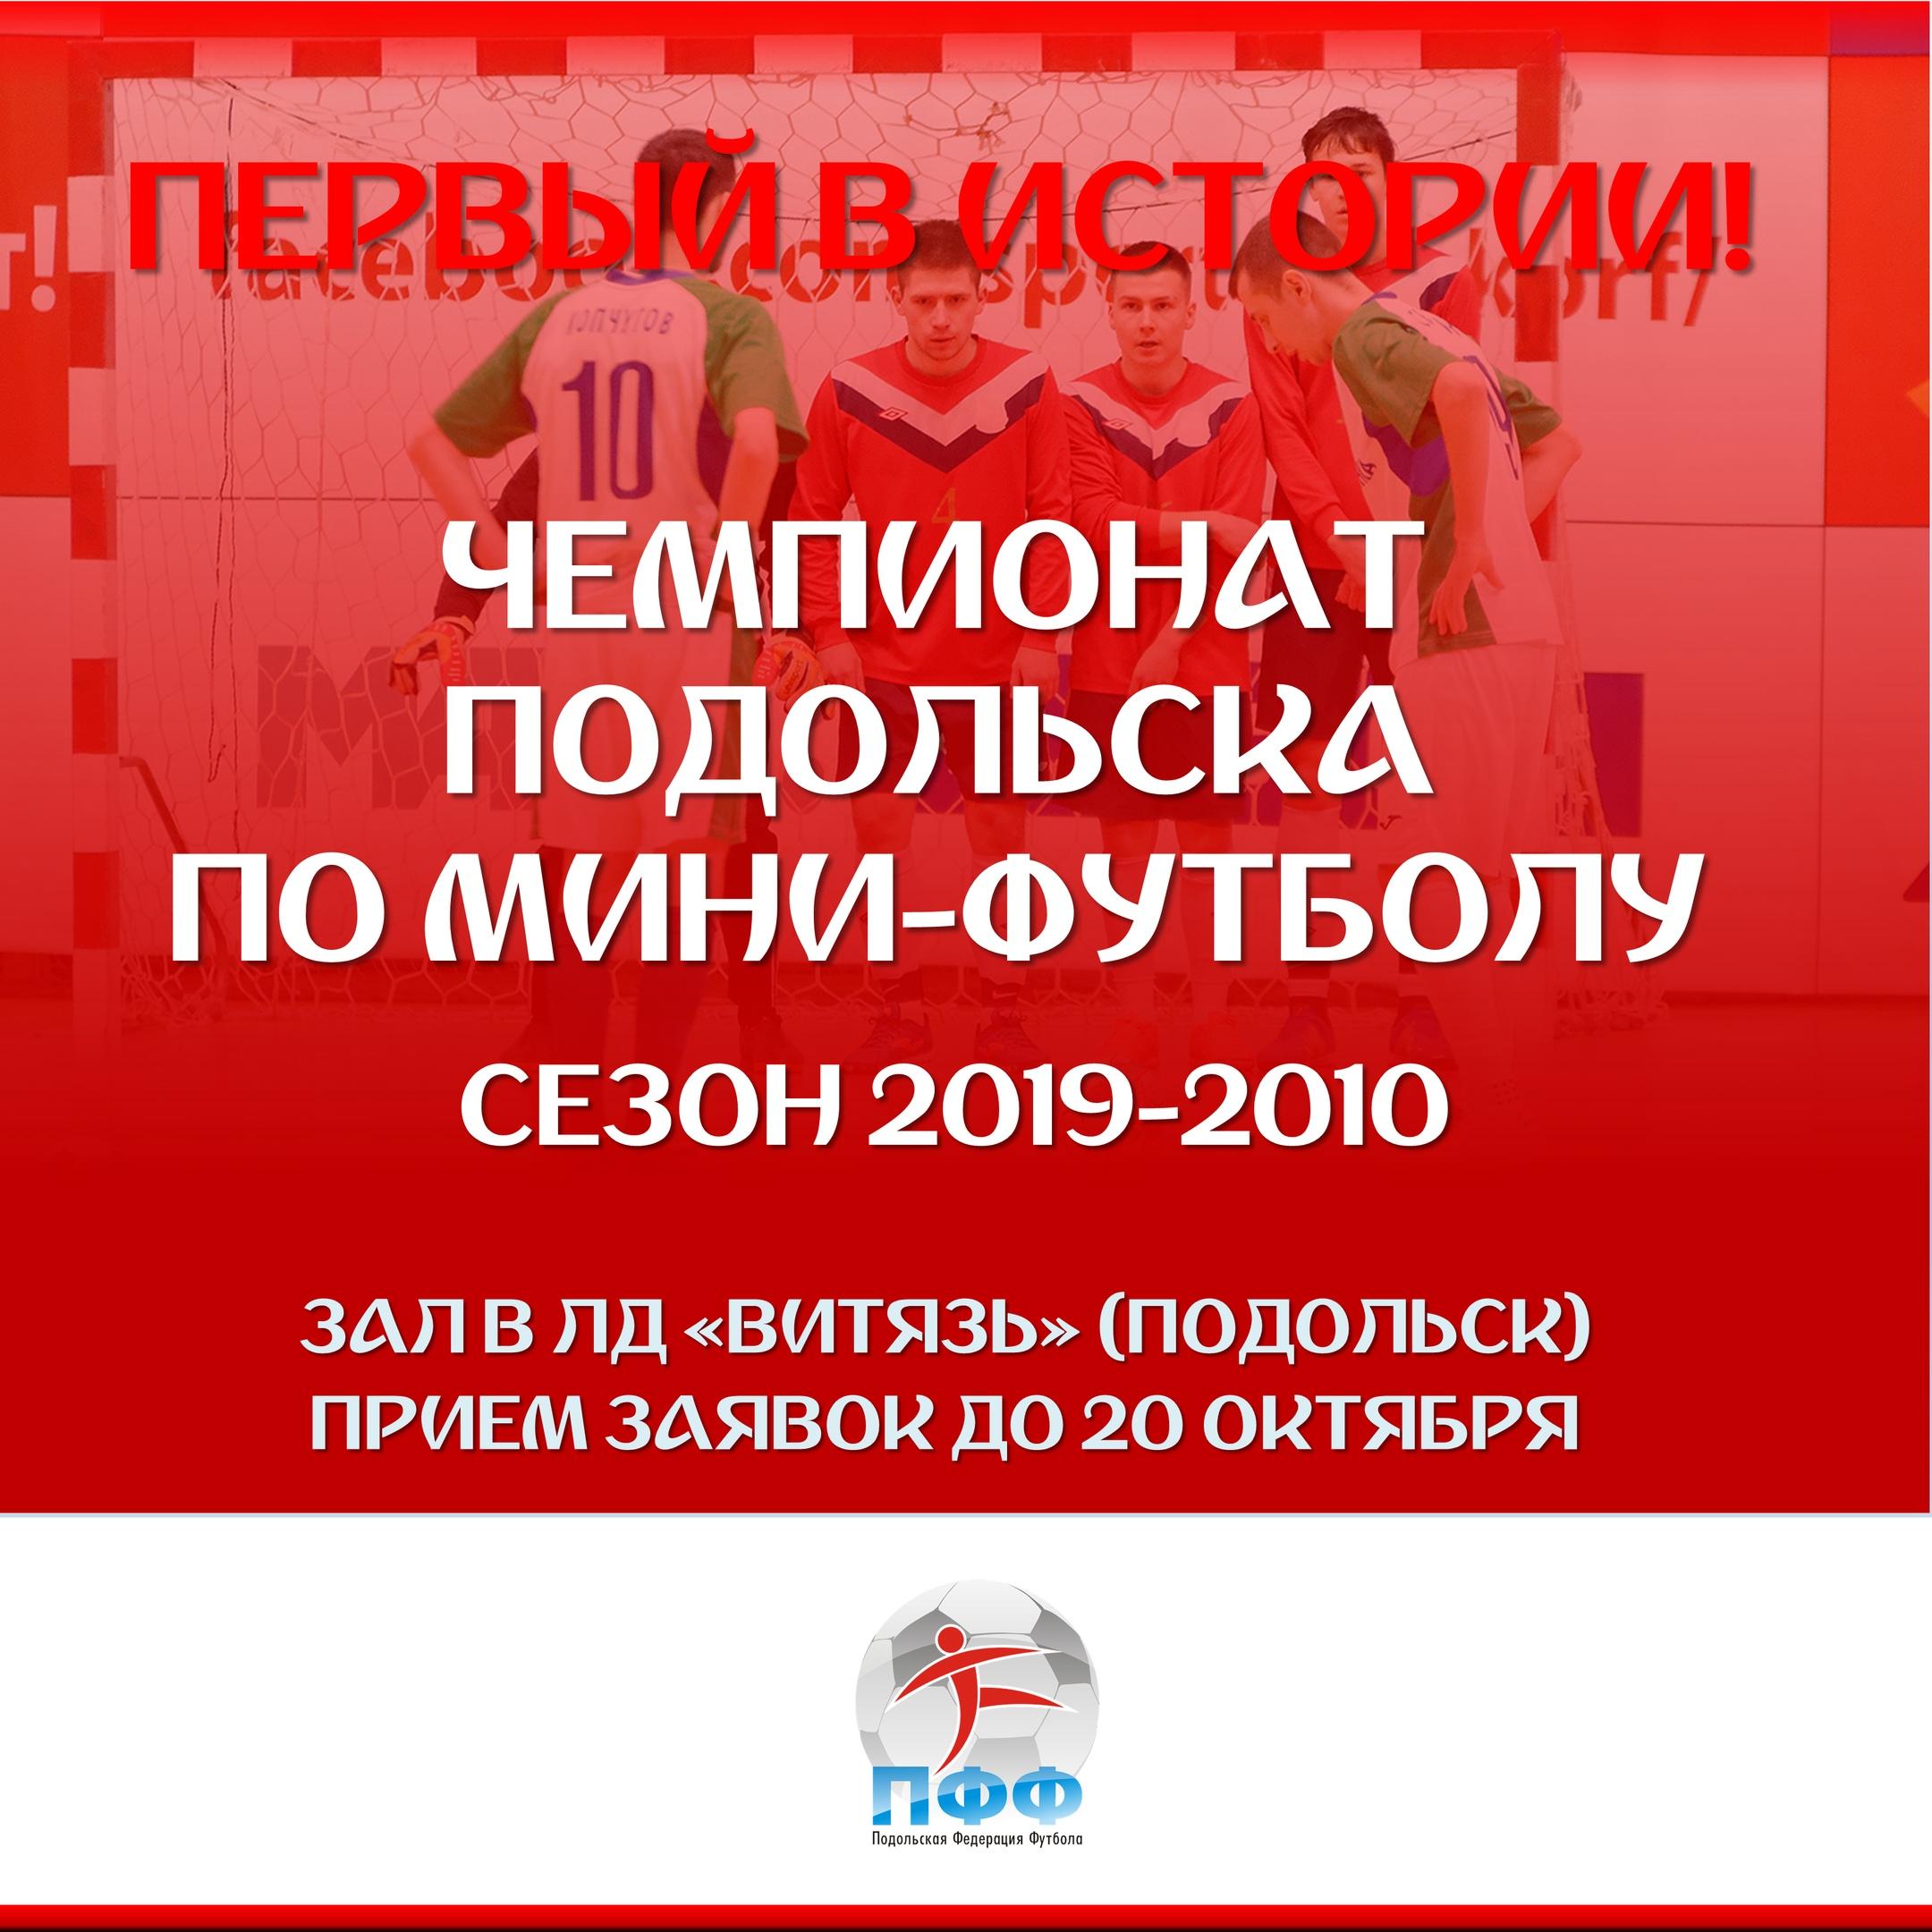 Чемпионат Подольска по мини-футболу: заяви свою команду